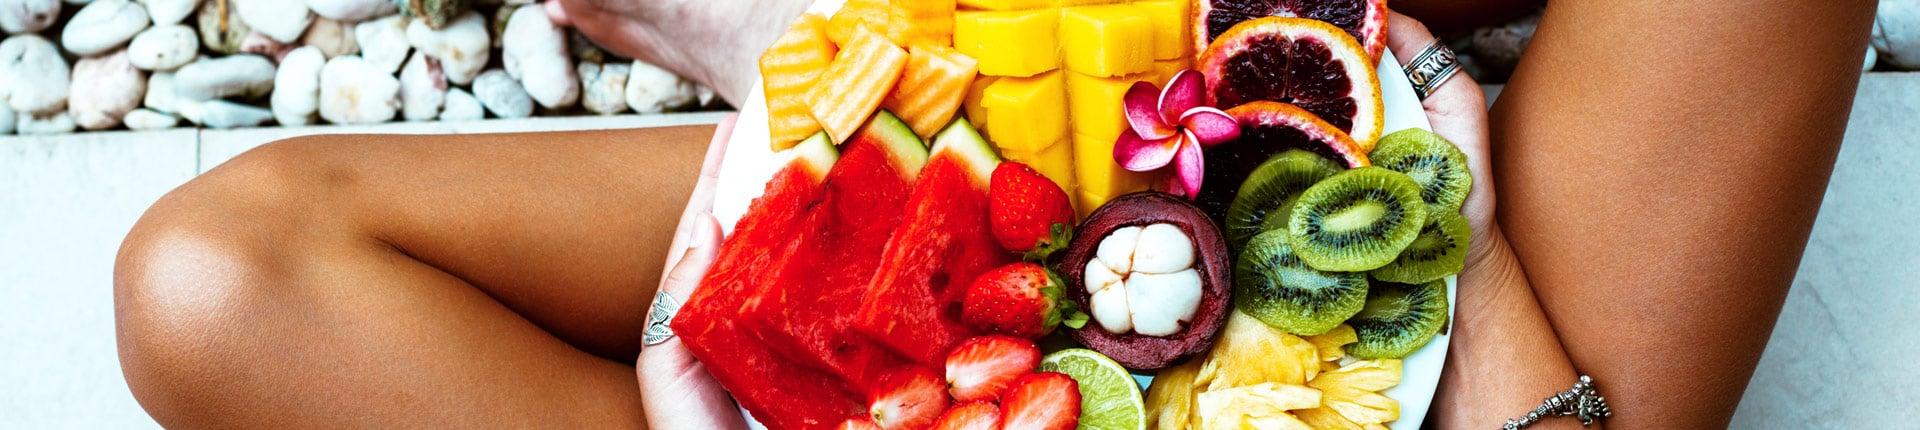 Wpływ surowych owoców i warzyw na samopoczucie